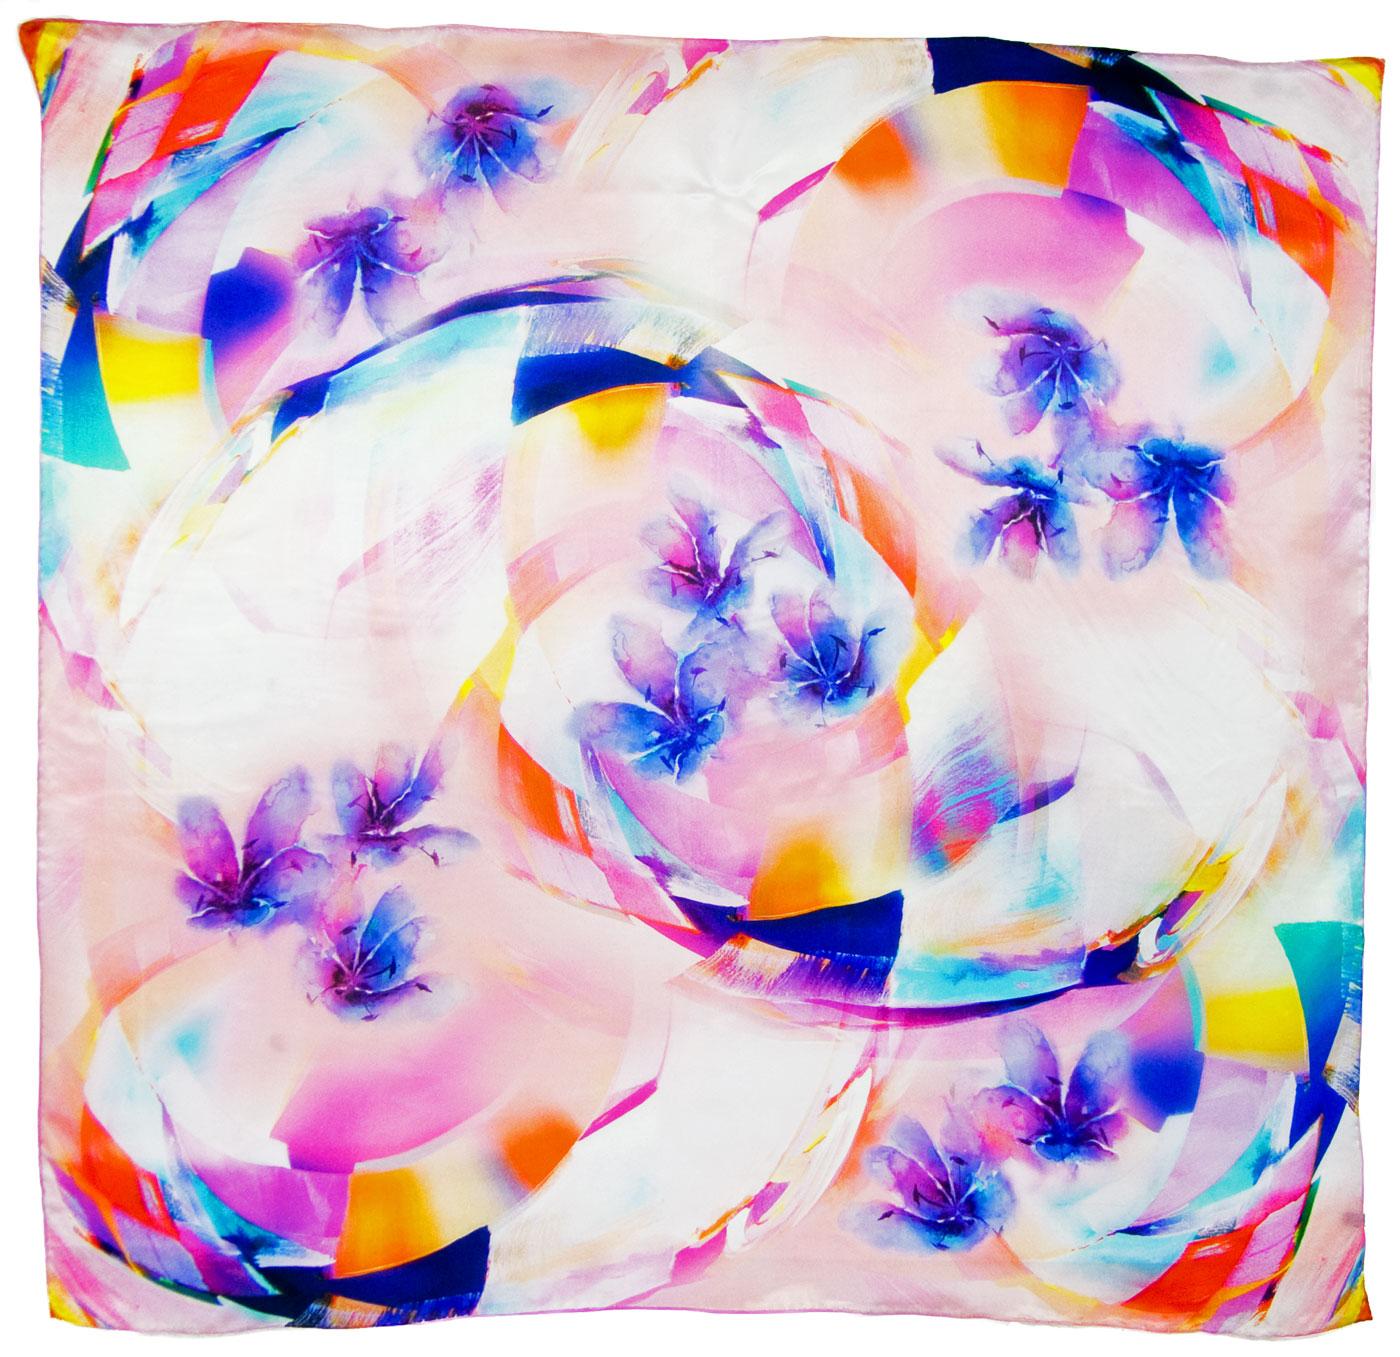 Carré de soie rose tourbillons 110 x 110 cm premium